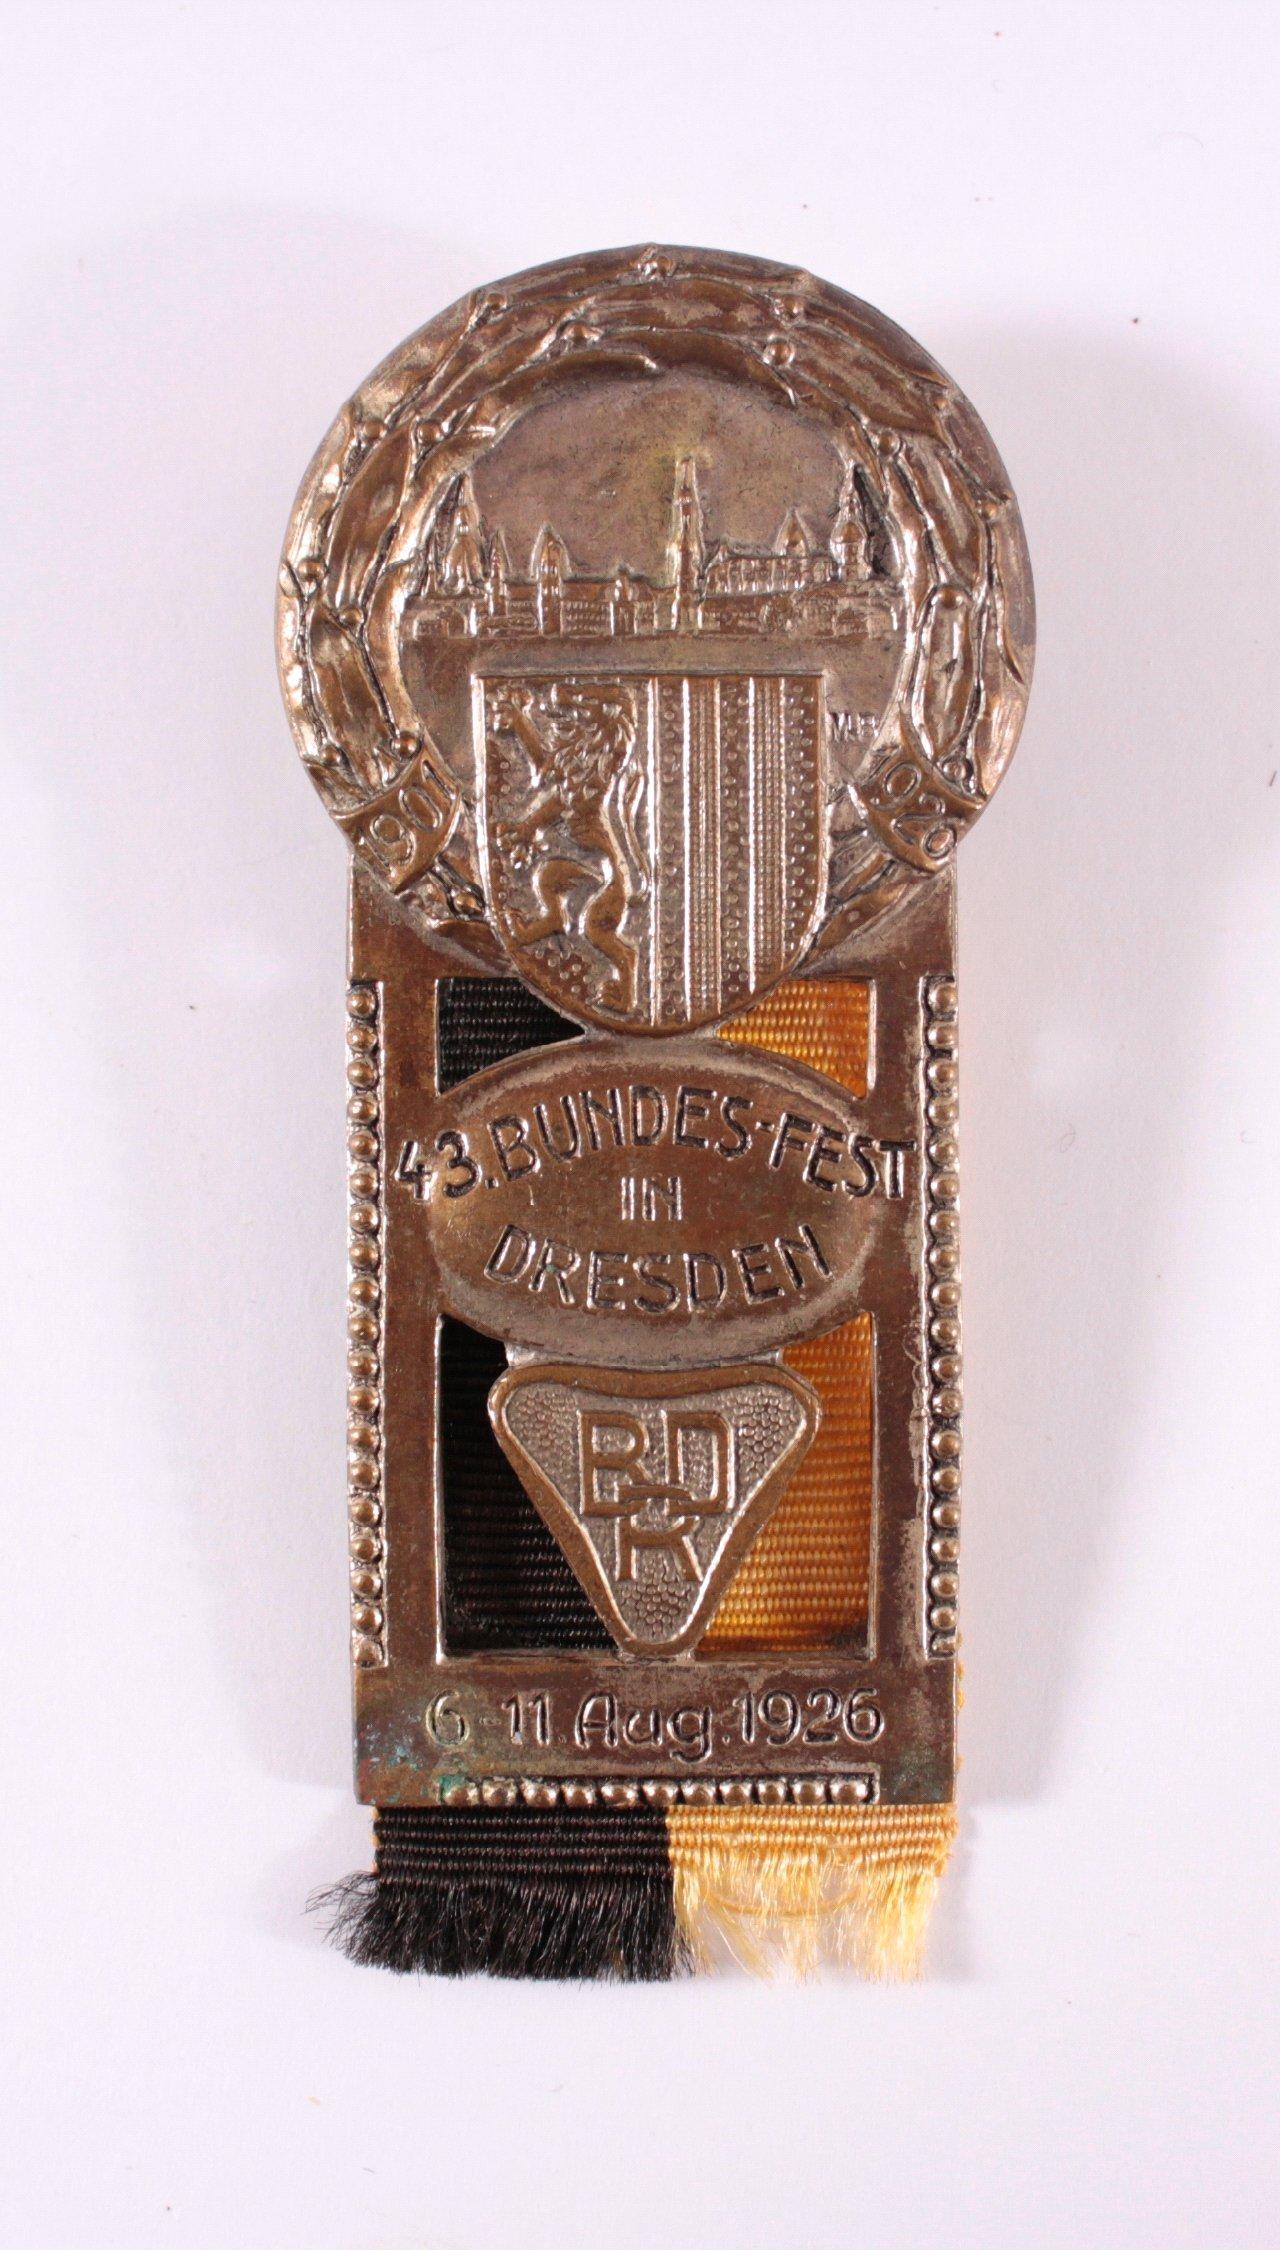 Veranstaltungsabzeichen 43. BDR Bundesfest Dresden 1926